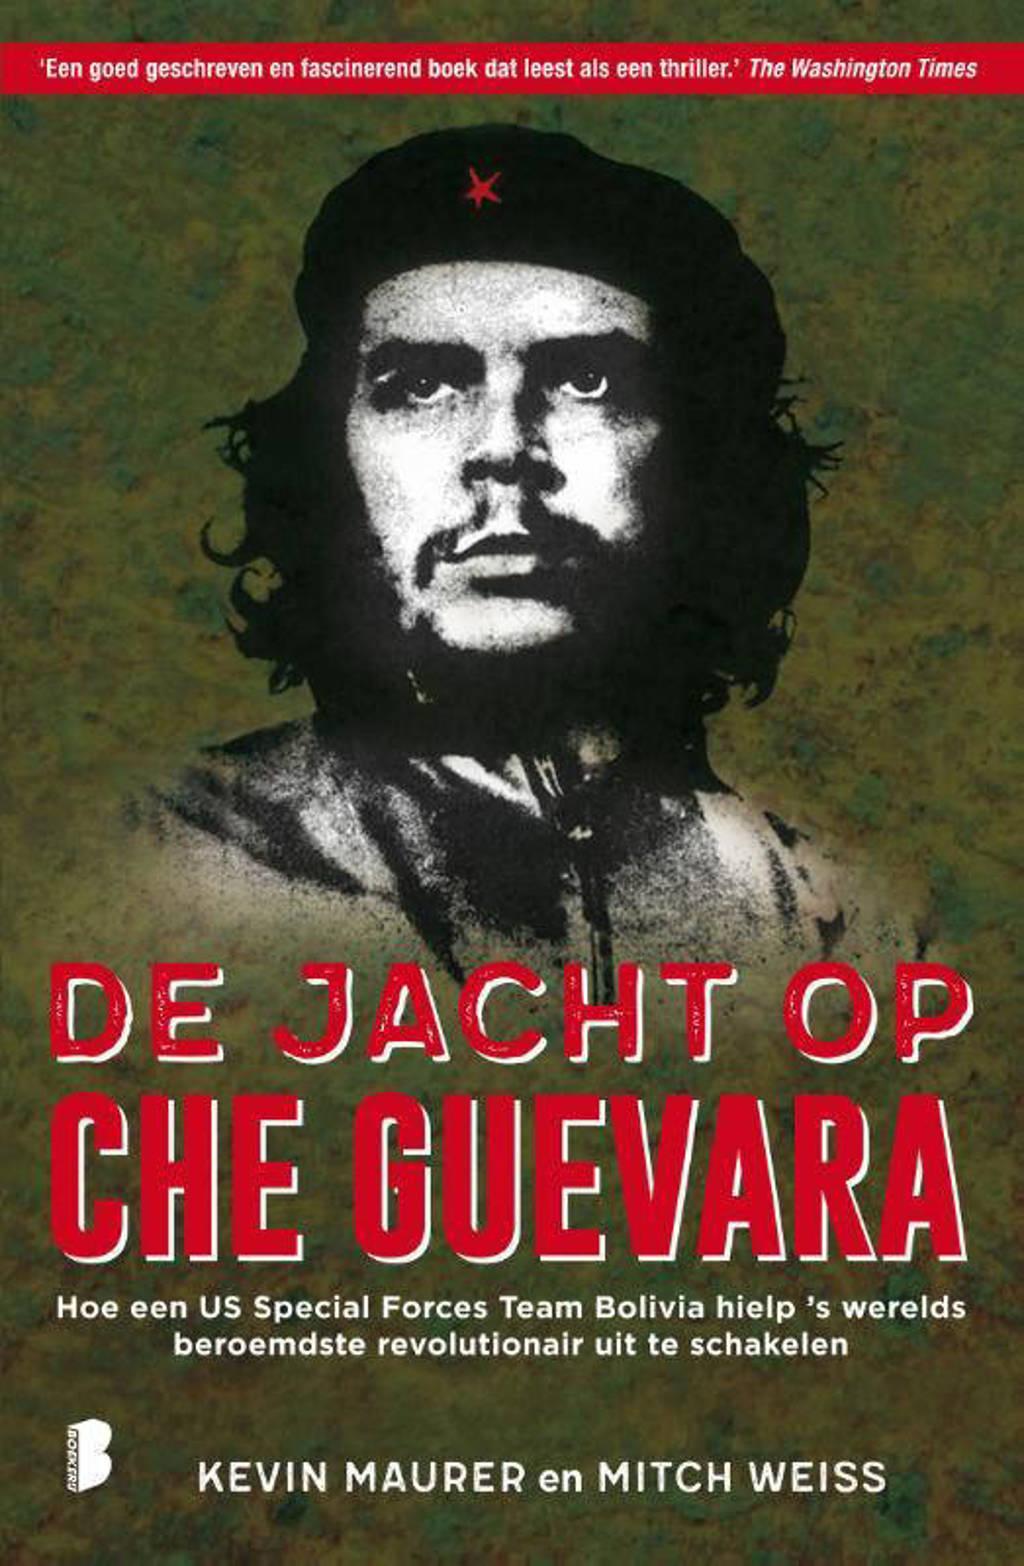 De jacht op Che Guevara - Kevin Maurer en Mitch Weiss